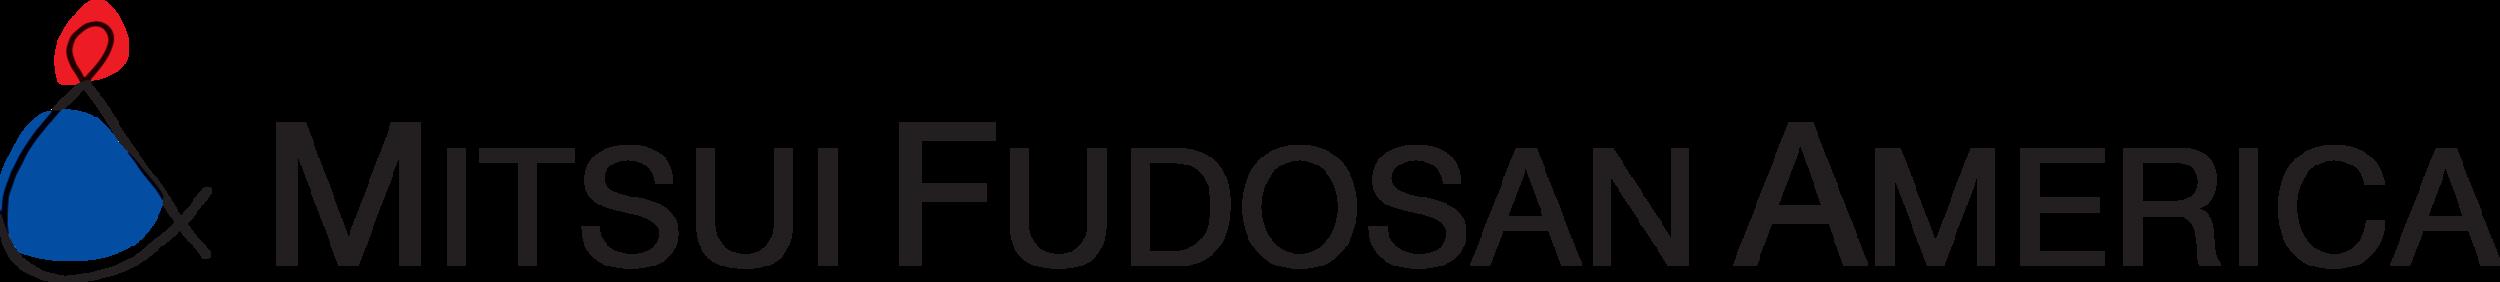 MFAmerica_Logo (1) (002).png